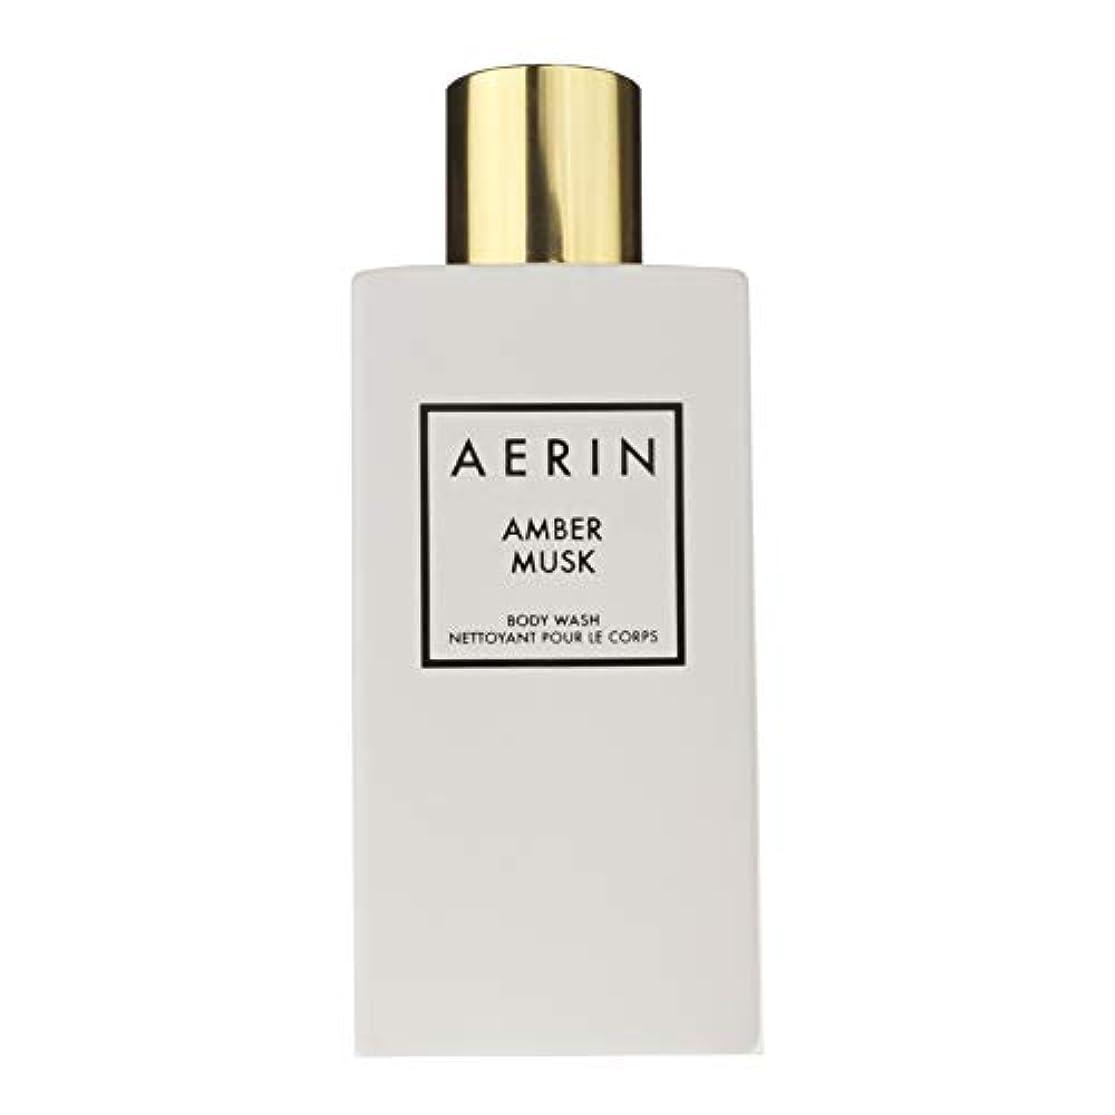 二年生傾向がある最愛のAERIN 'Amber Musk' (アエリン アンバームスク) 7.6 oz (228ml) Body Wash ボディーウオッシュ by Estee Lauder